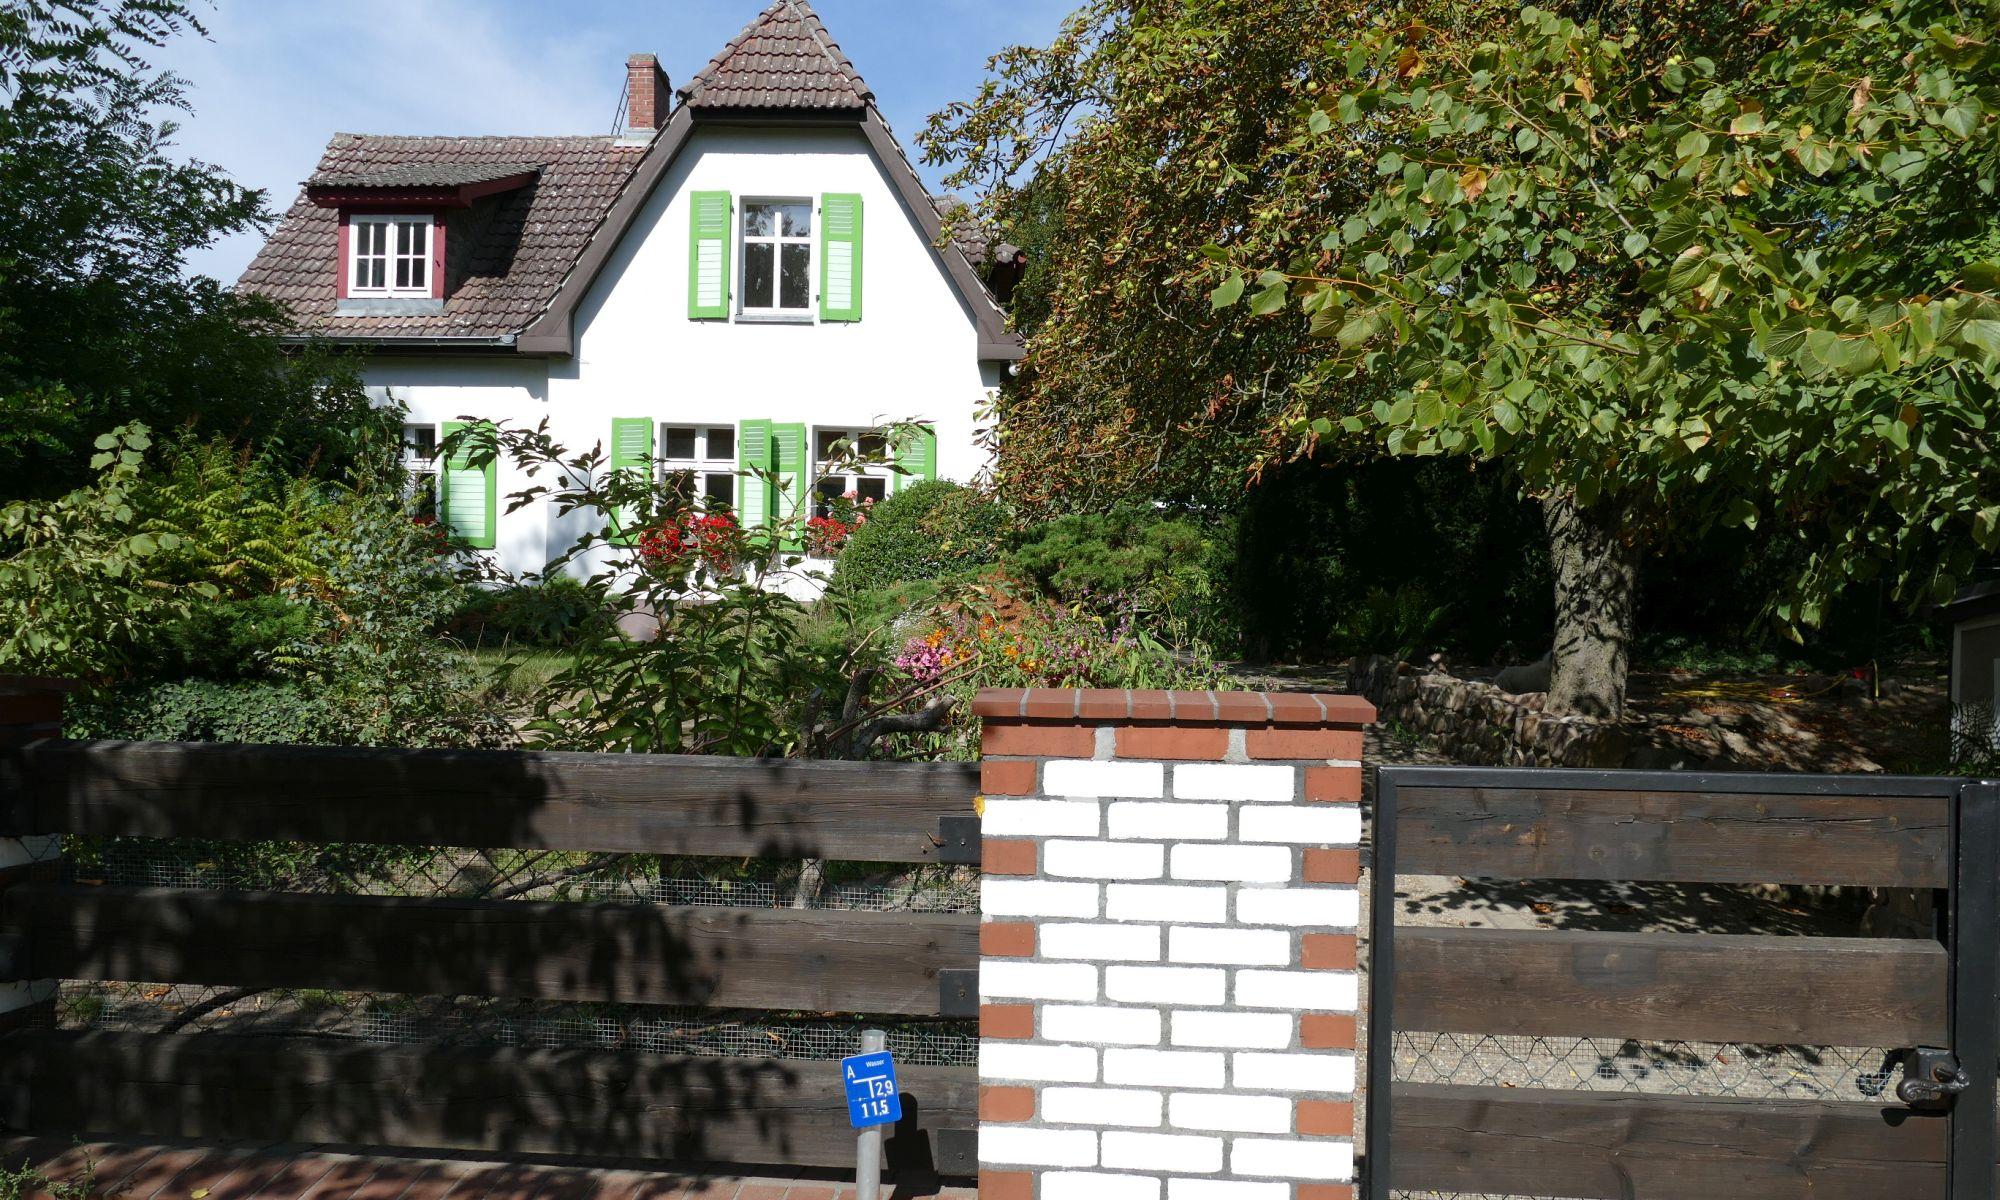 Wohngemeinschaft in Werder an der Havel